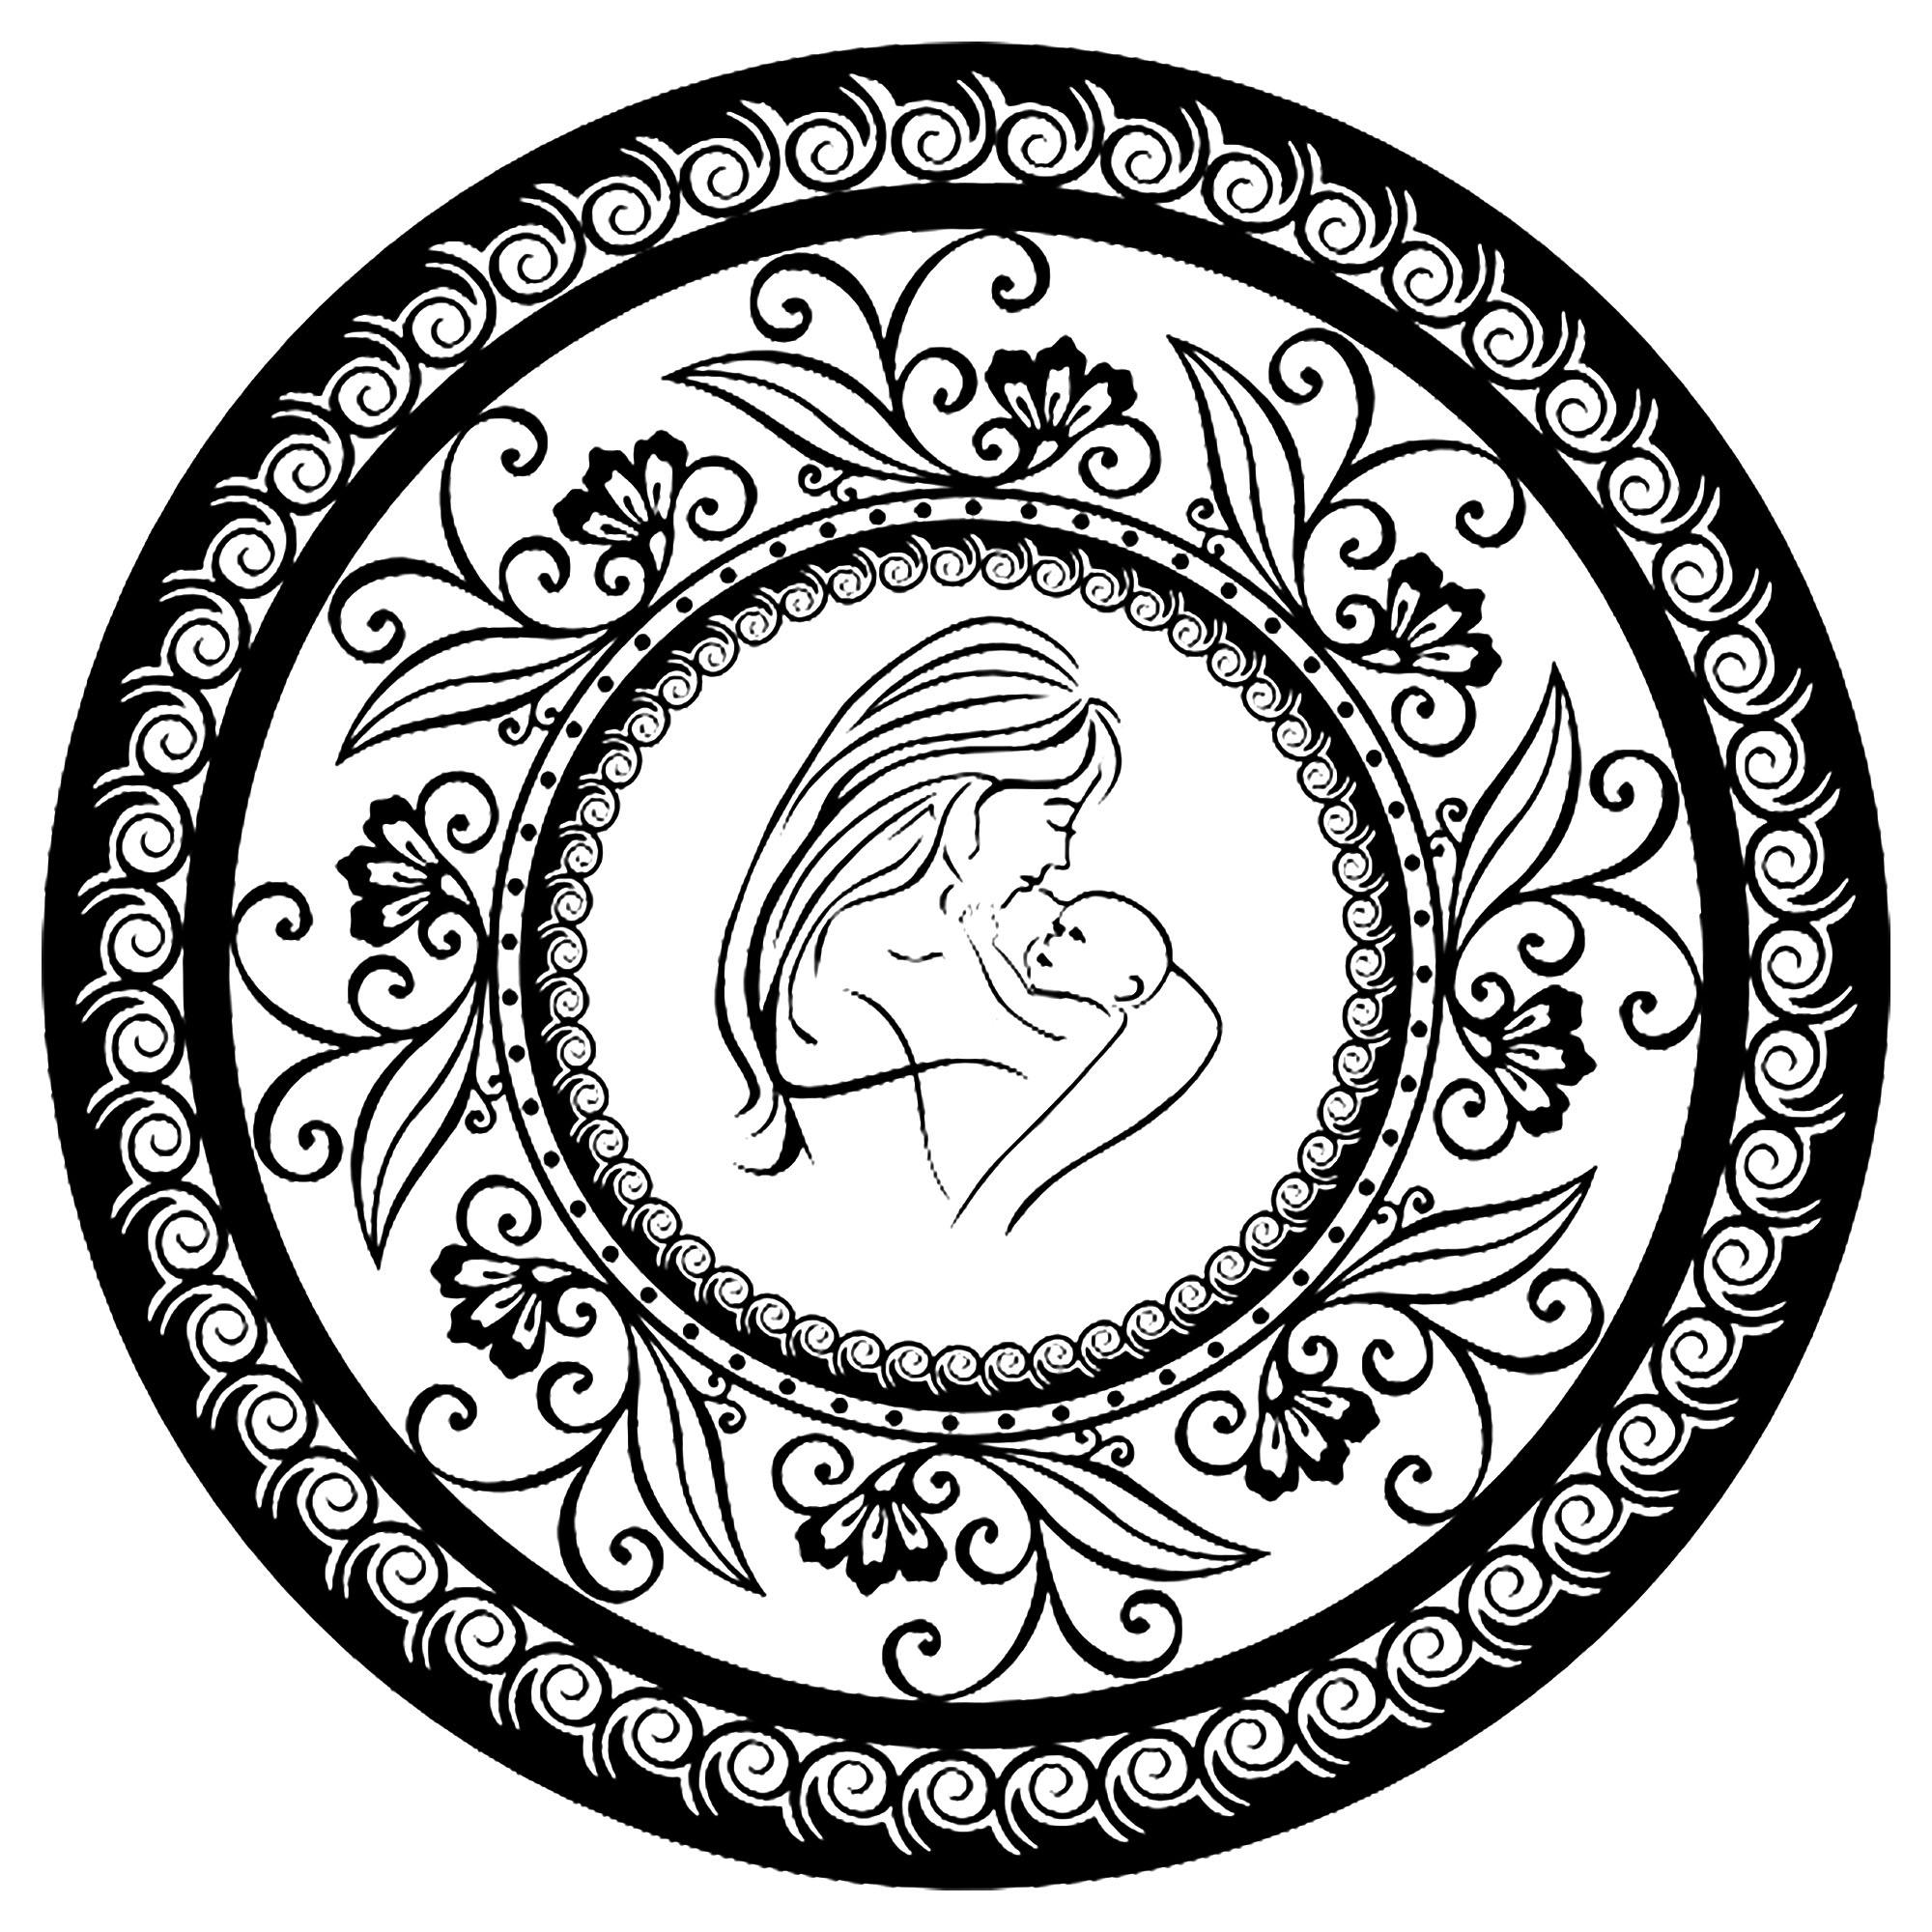 Célébrons la fête des mères à travers ce joli Mandala